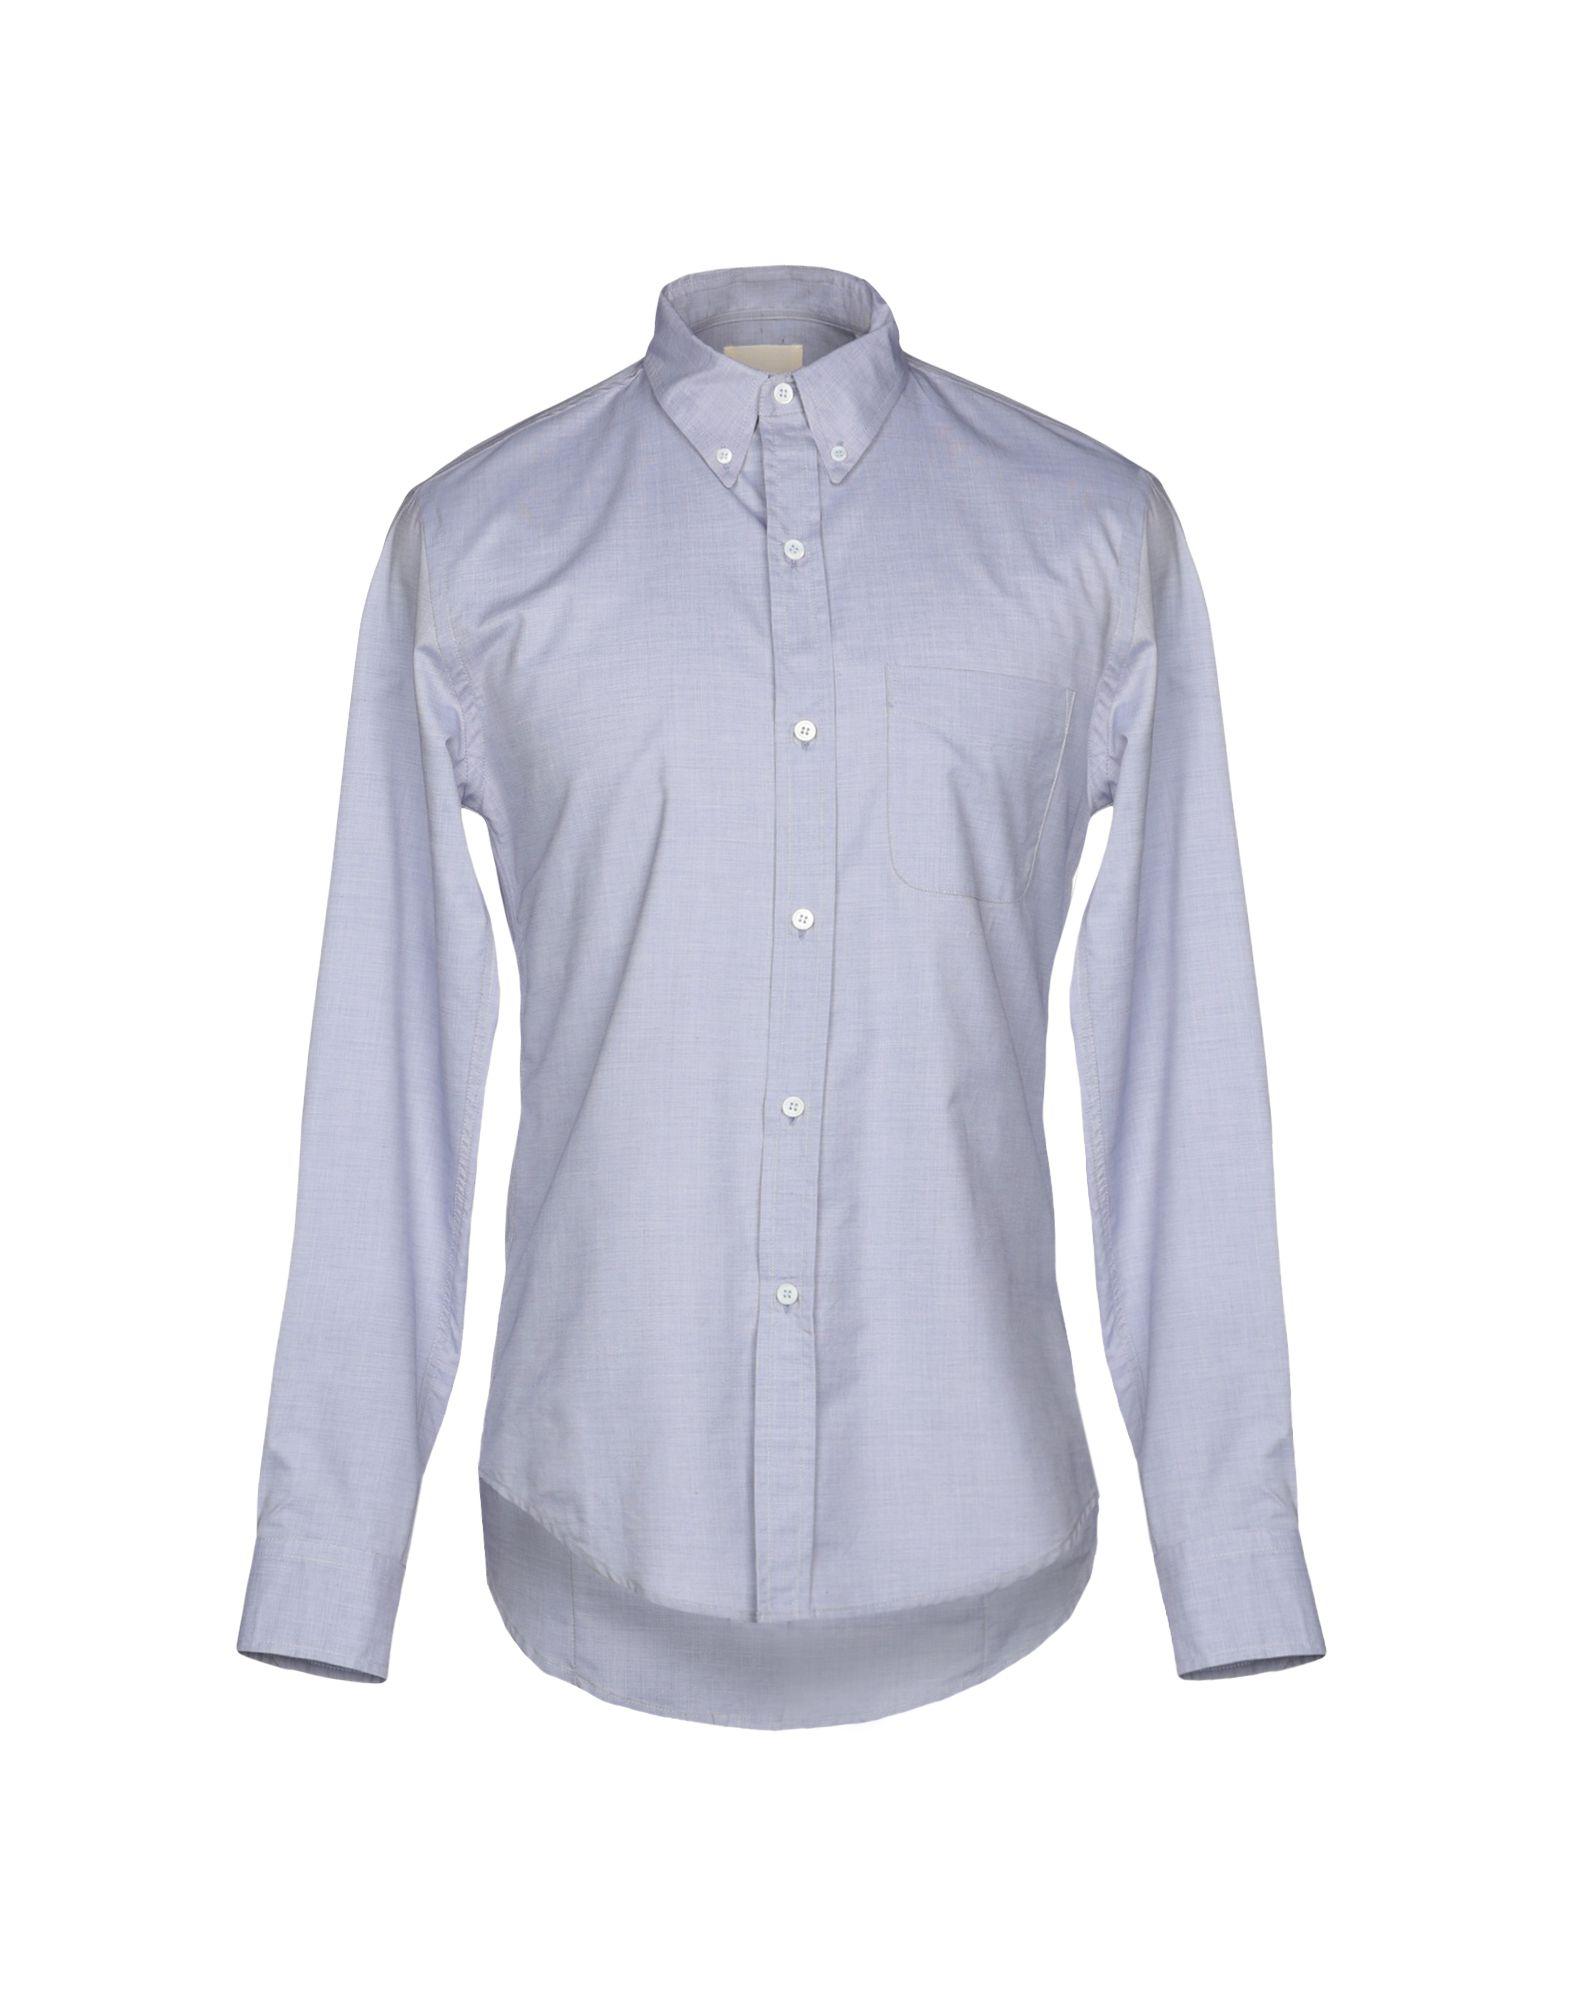 《送料無料》BAND OF OUTSIDERS メンズ シャツ ブルーグレー 1 コットン 100%